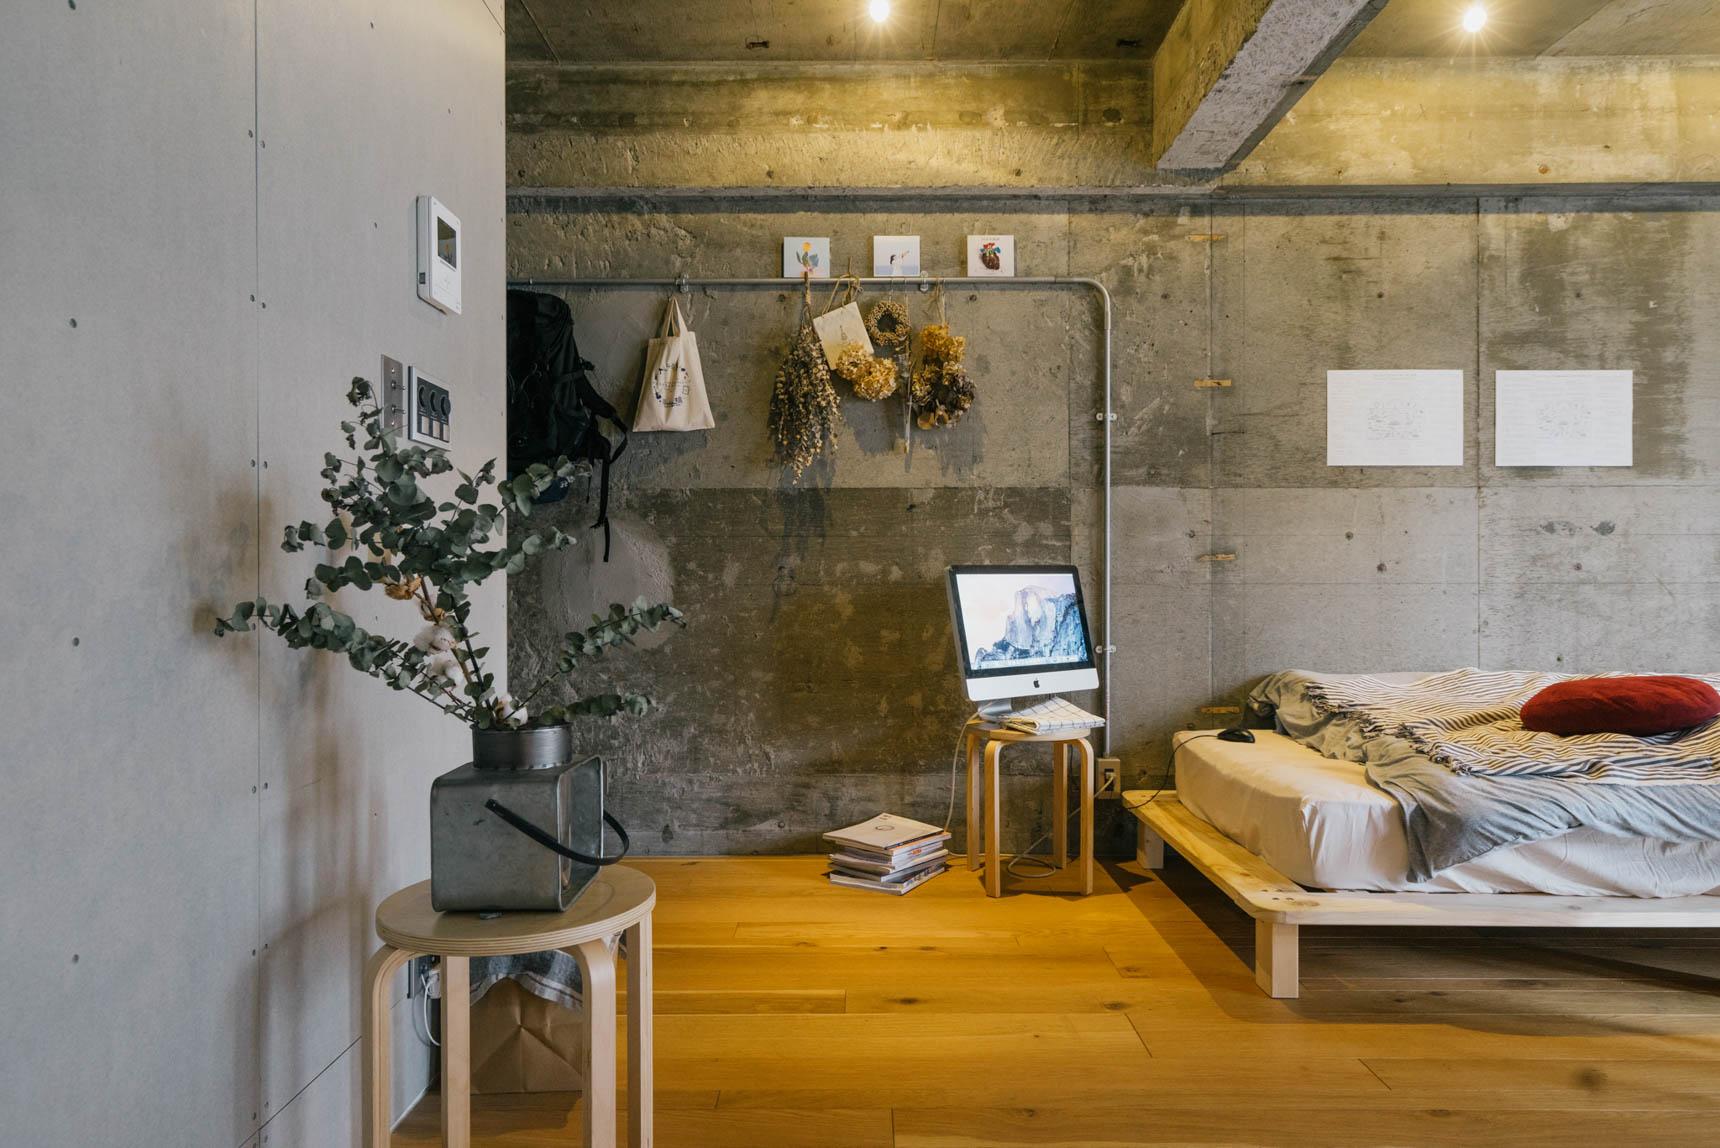 床の材質に合わせて木のスツールやベッドフレームなどを取り入れることによって、部屋全体がクールさだけでなく、温かみも生まれています。